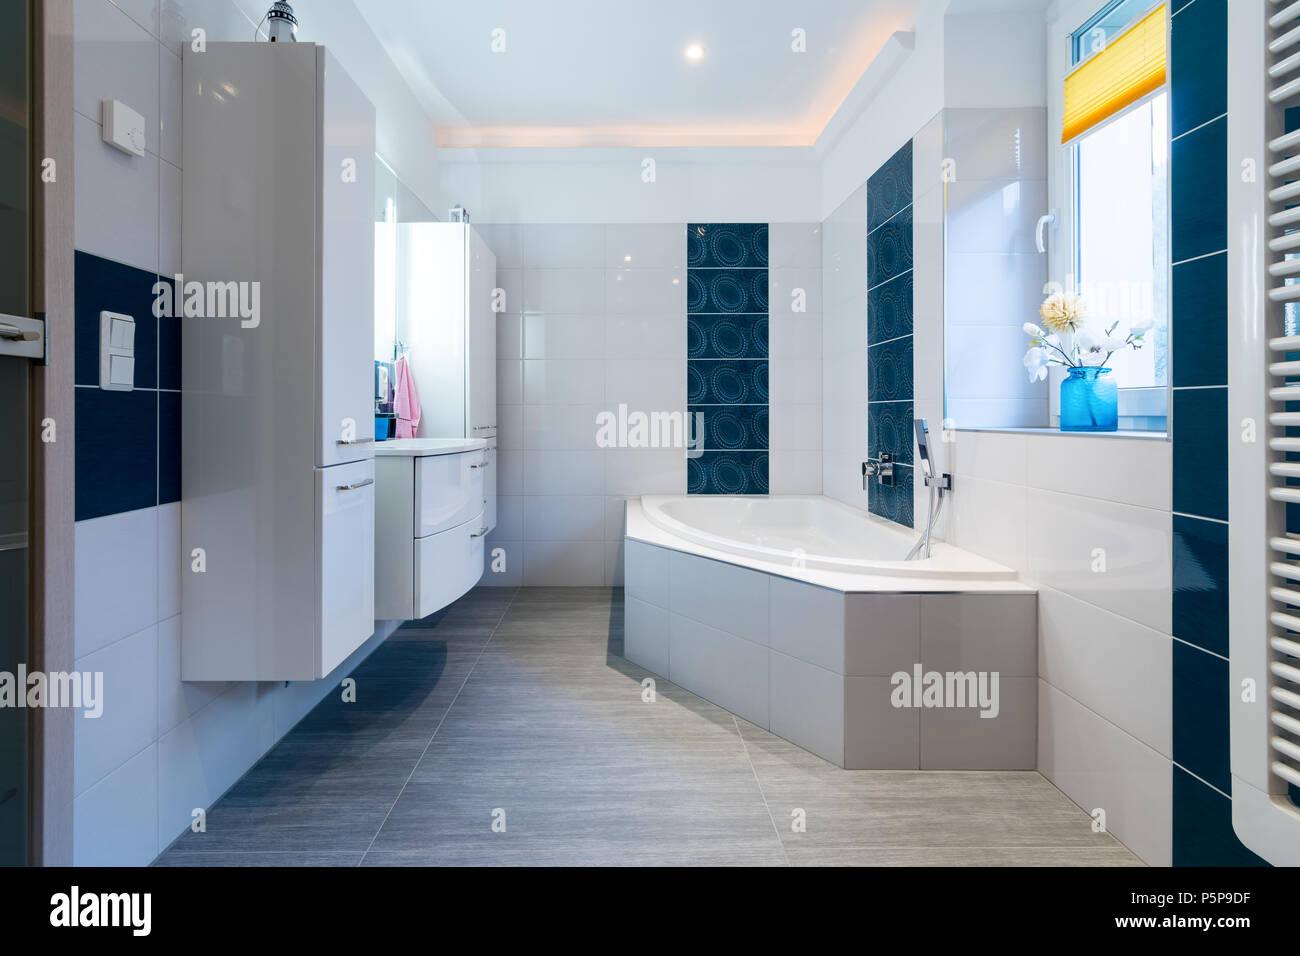 Modernes Badezimmer   Glänzend Weißen Und Blauen Fliesen   Bad Mit  Badewanne, Waschbecken Und Fußbodenheizung.